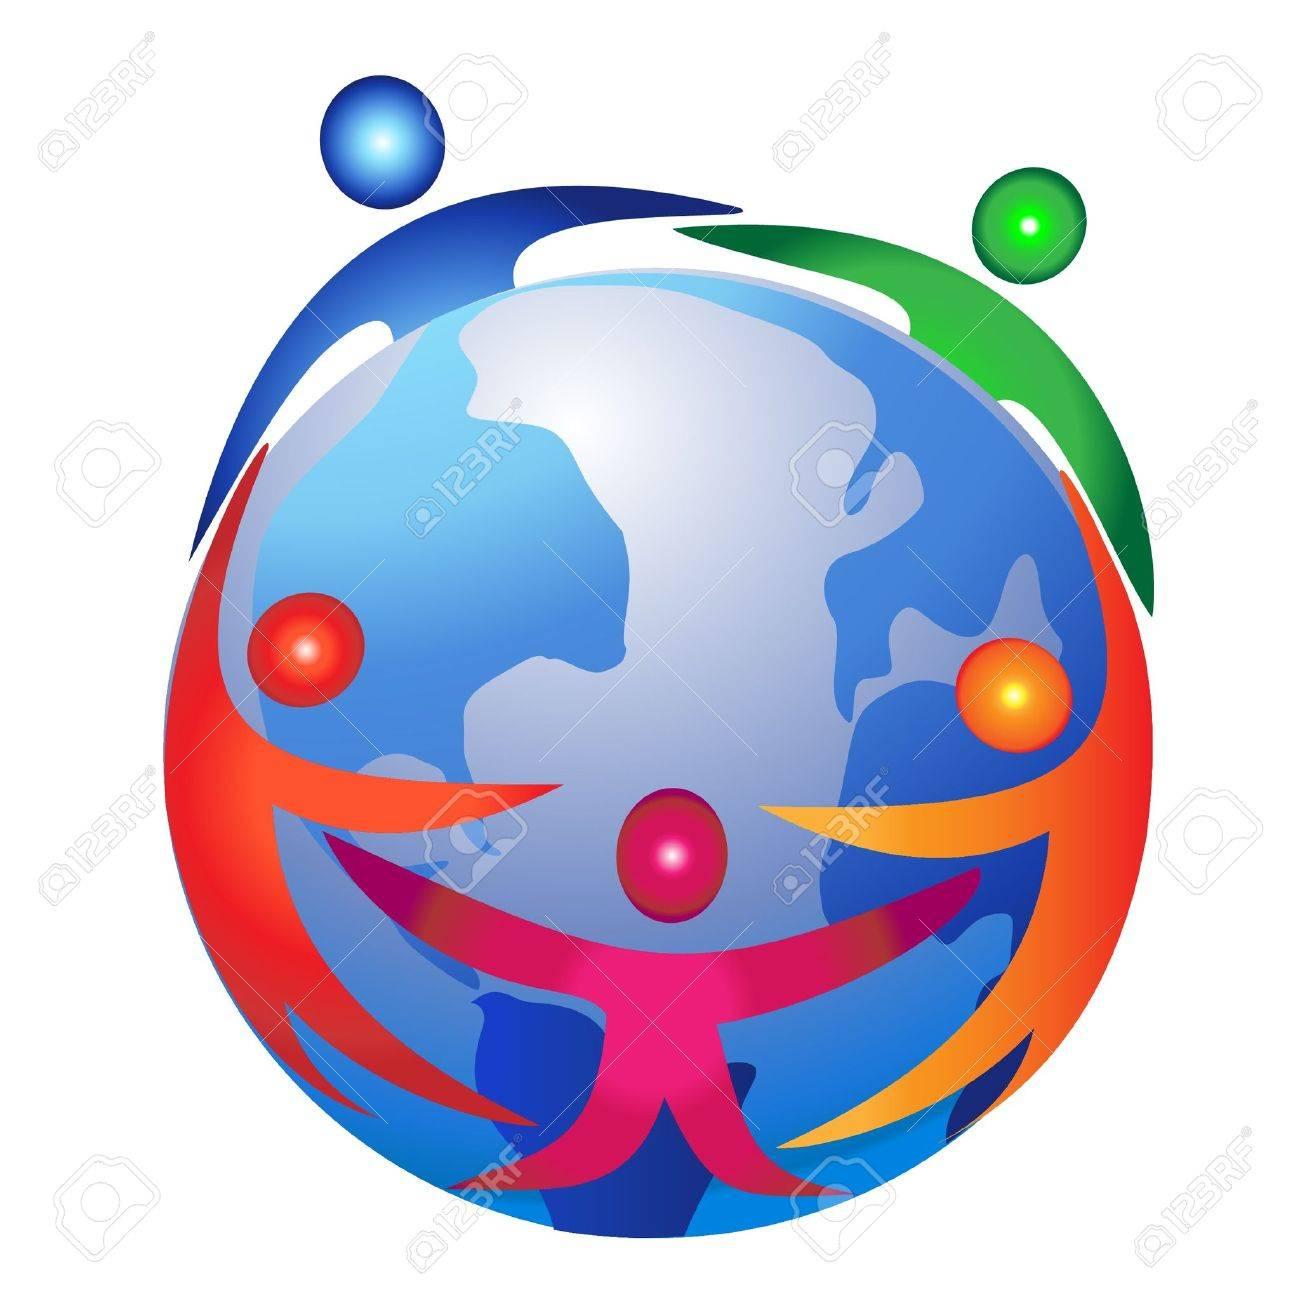 Teamwork commerce design logo Stock Vector - 12379717